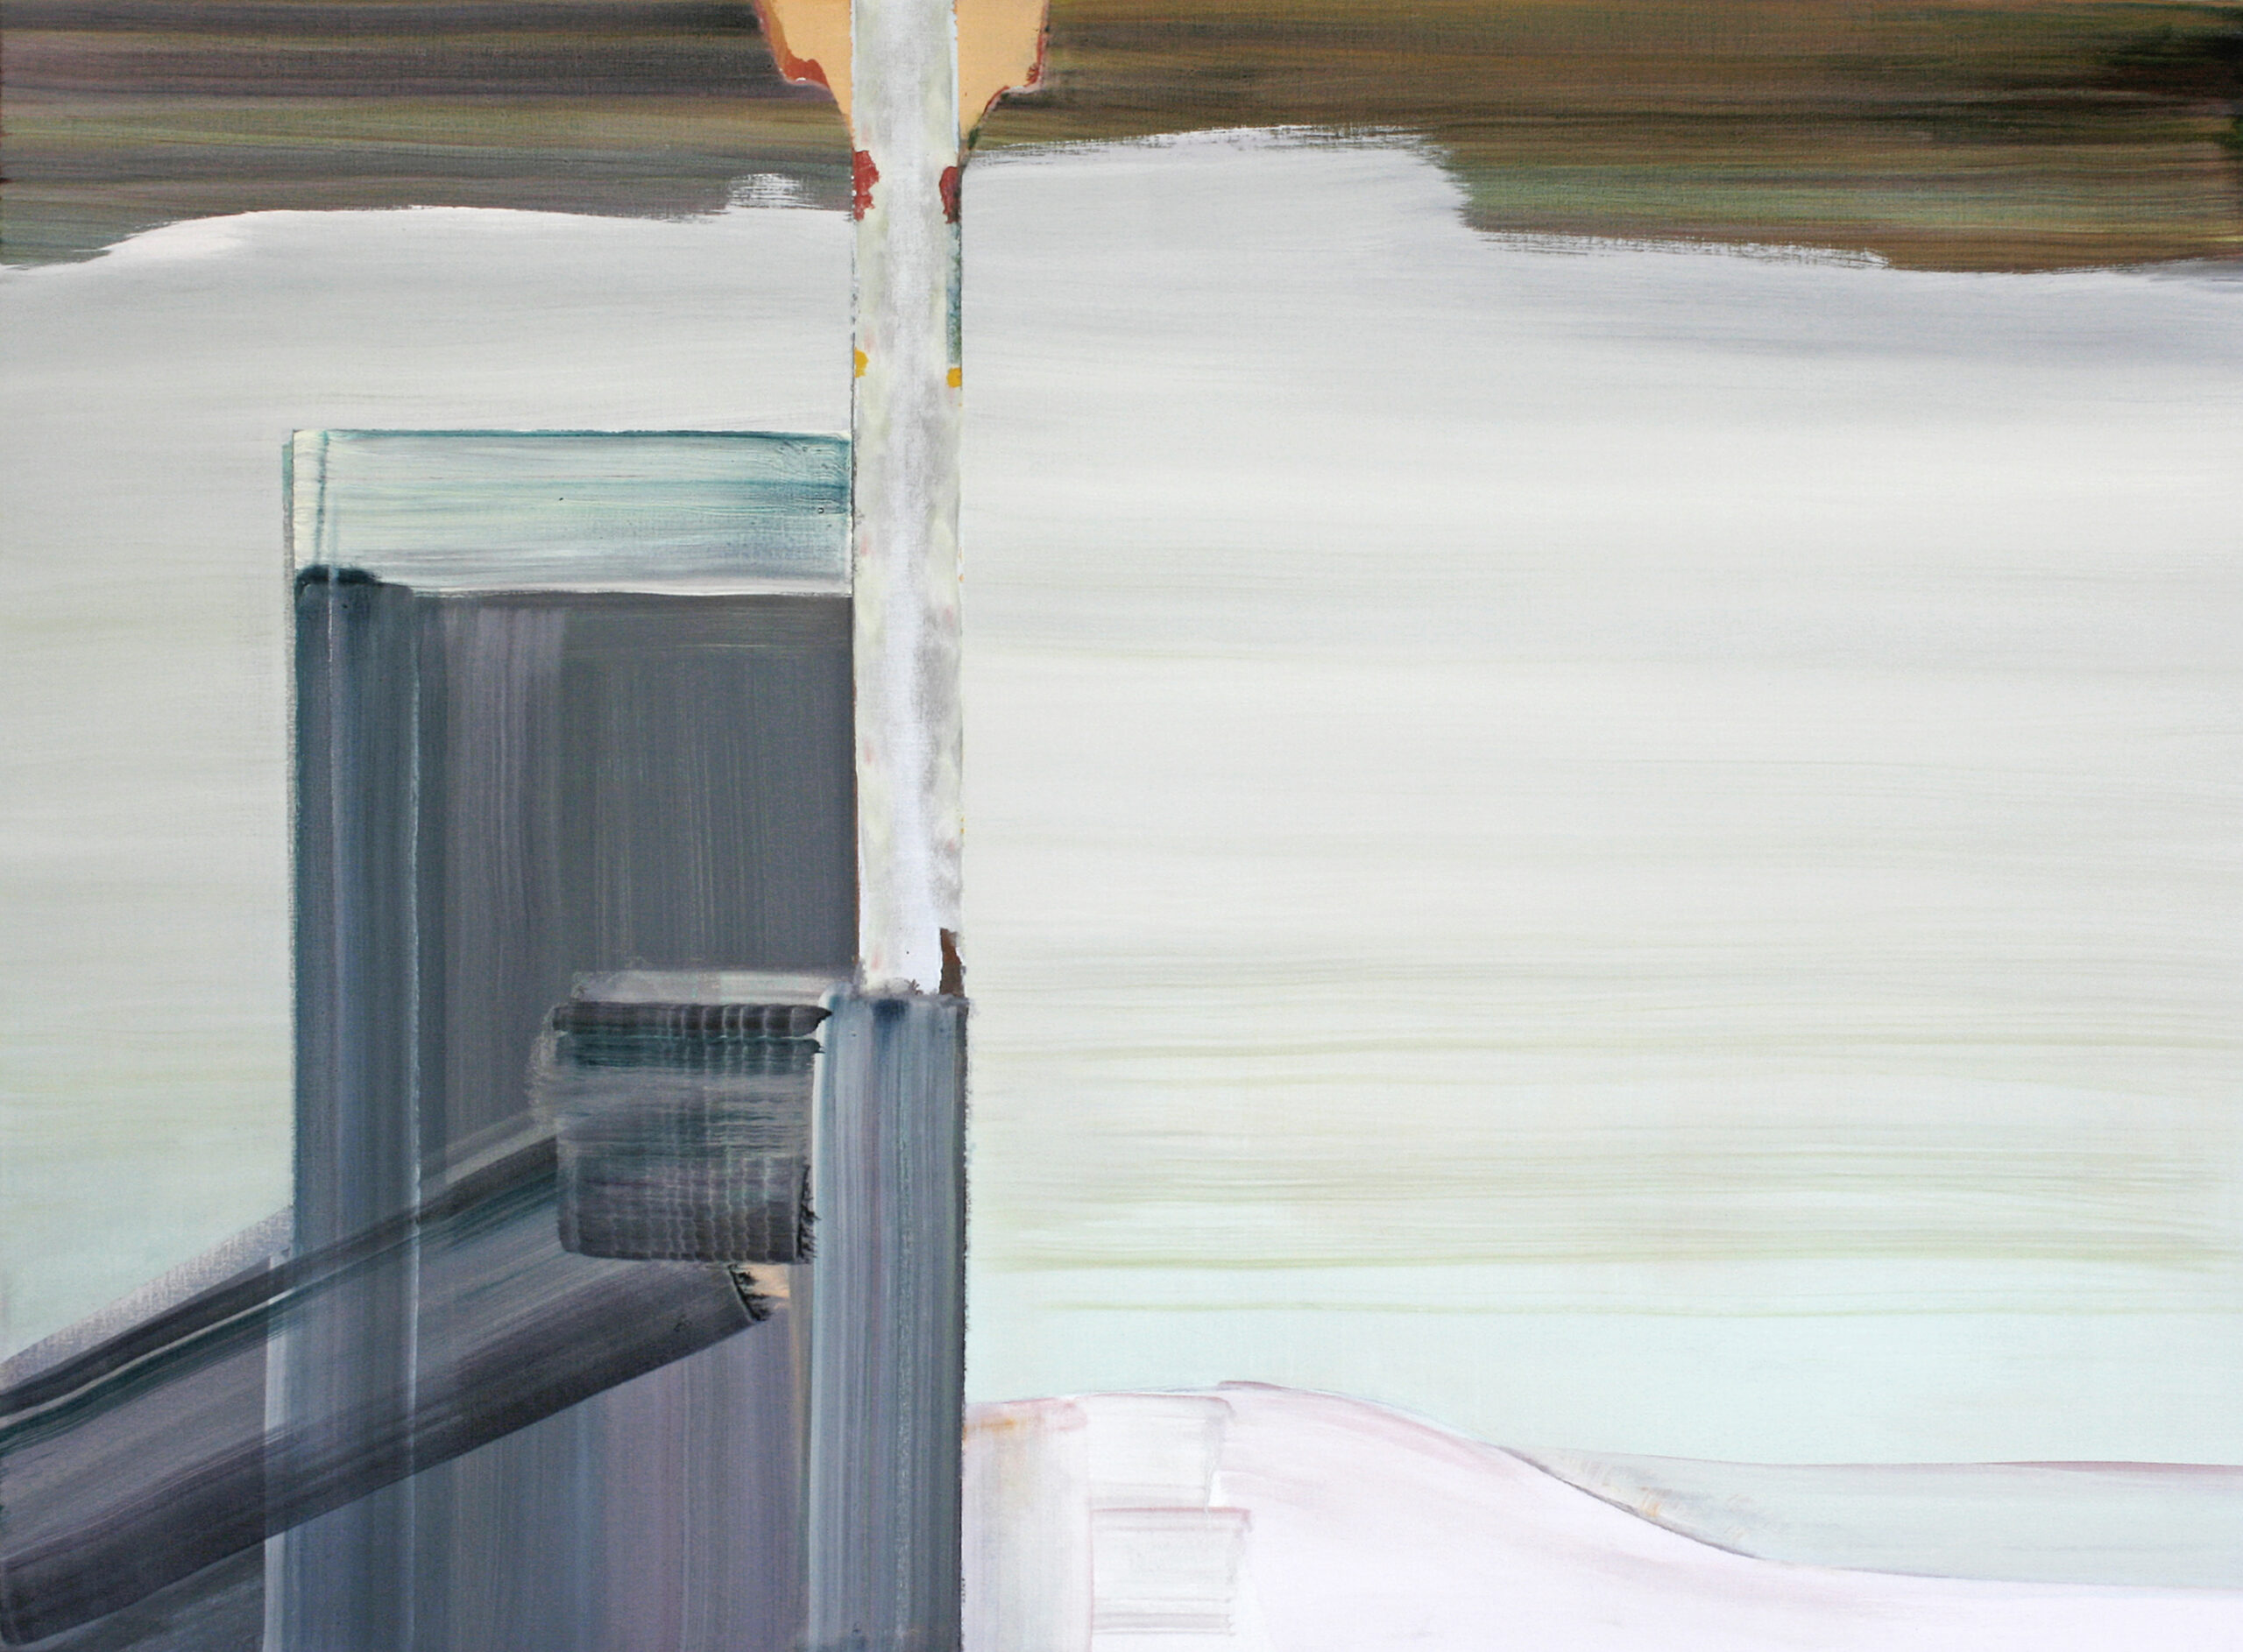 elektriciteitscentrale Weurt 2013 oilpaint on canvas 90x120cm